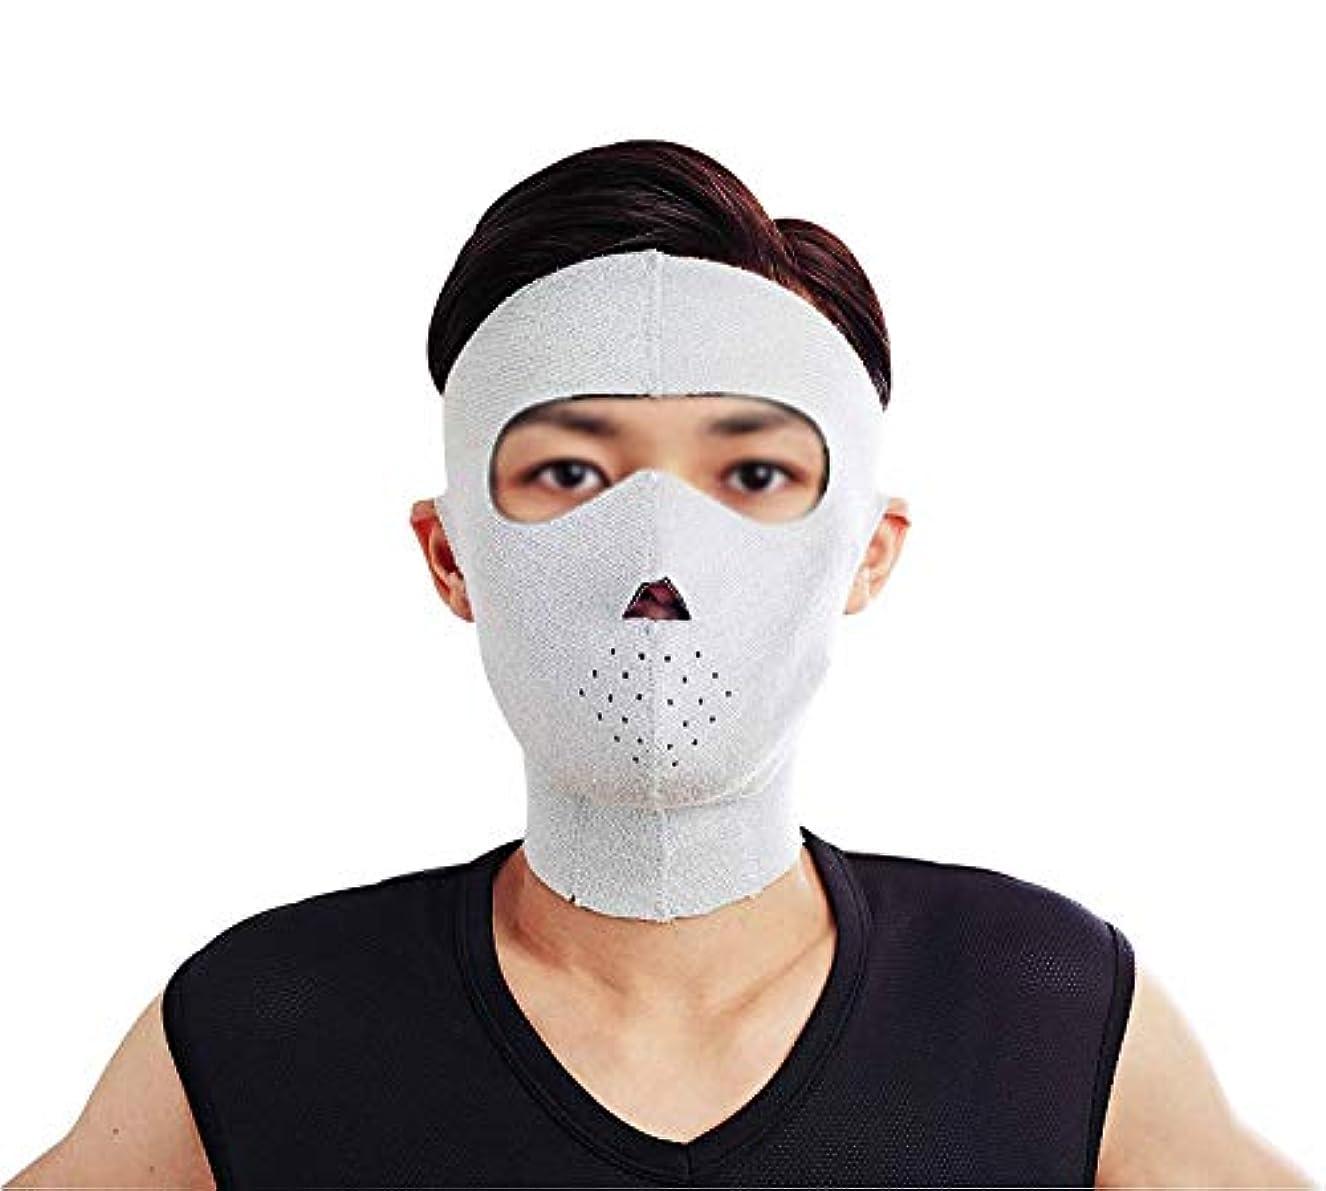 起きろ信頼できるピットGLJJQMY 薄い顔のマスクのマスクと男性のネックバンドとの垂れ下がり防止の薄い顔のマスクの薄い顔のマスクのアーチファクトの美しさを引き締め 顔用整形マスク